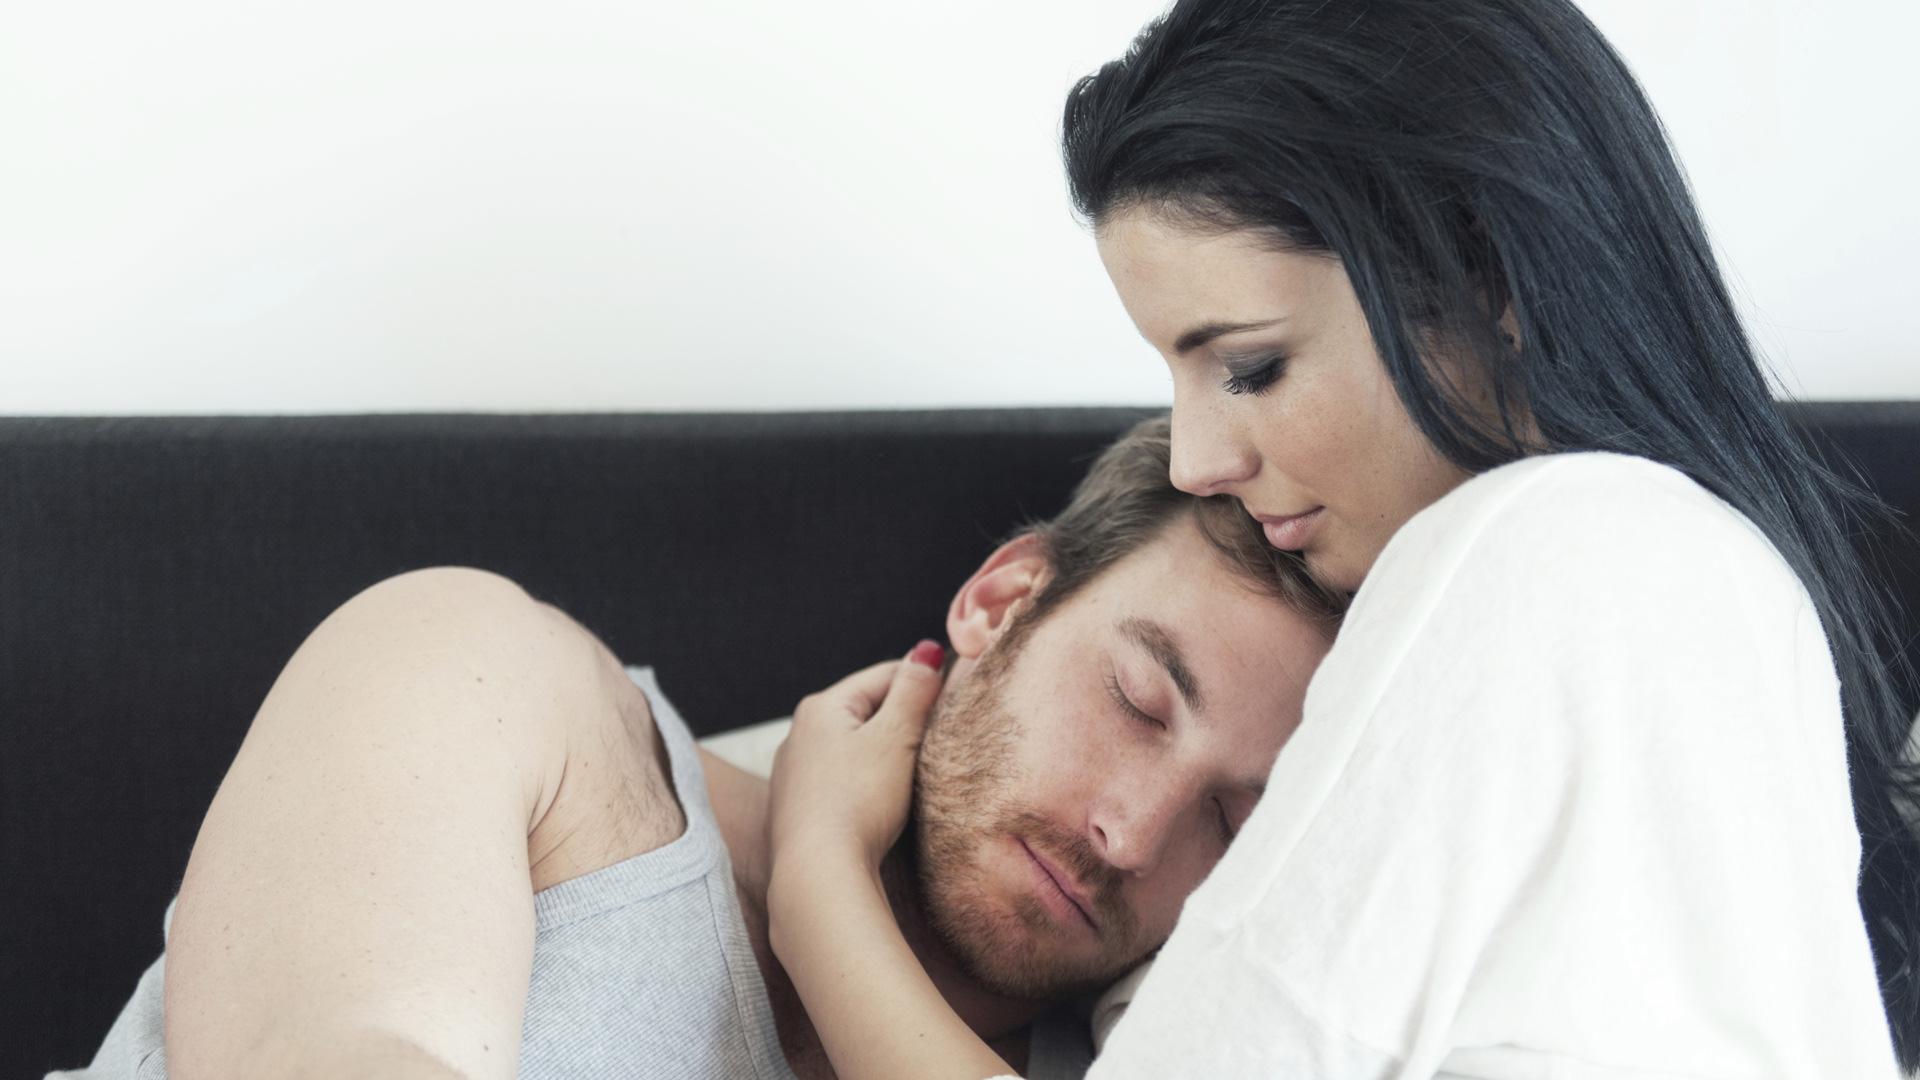 Картинки о заботе мужчины к женщине